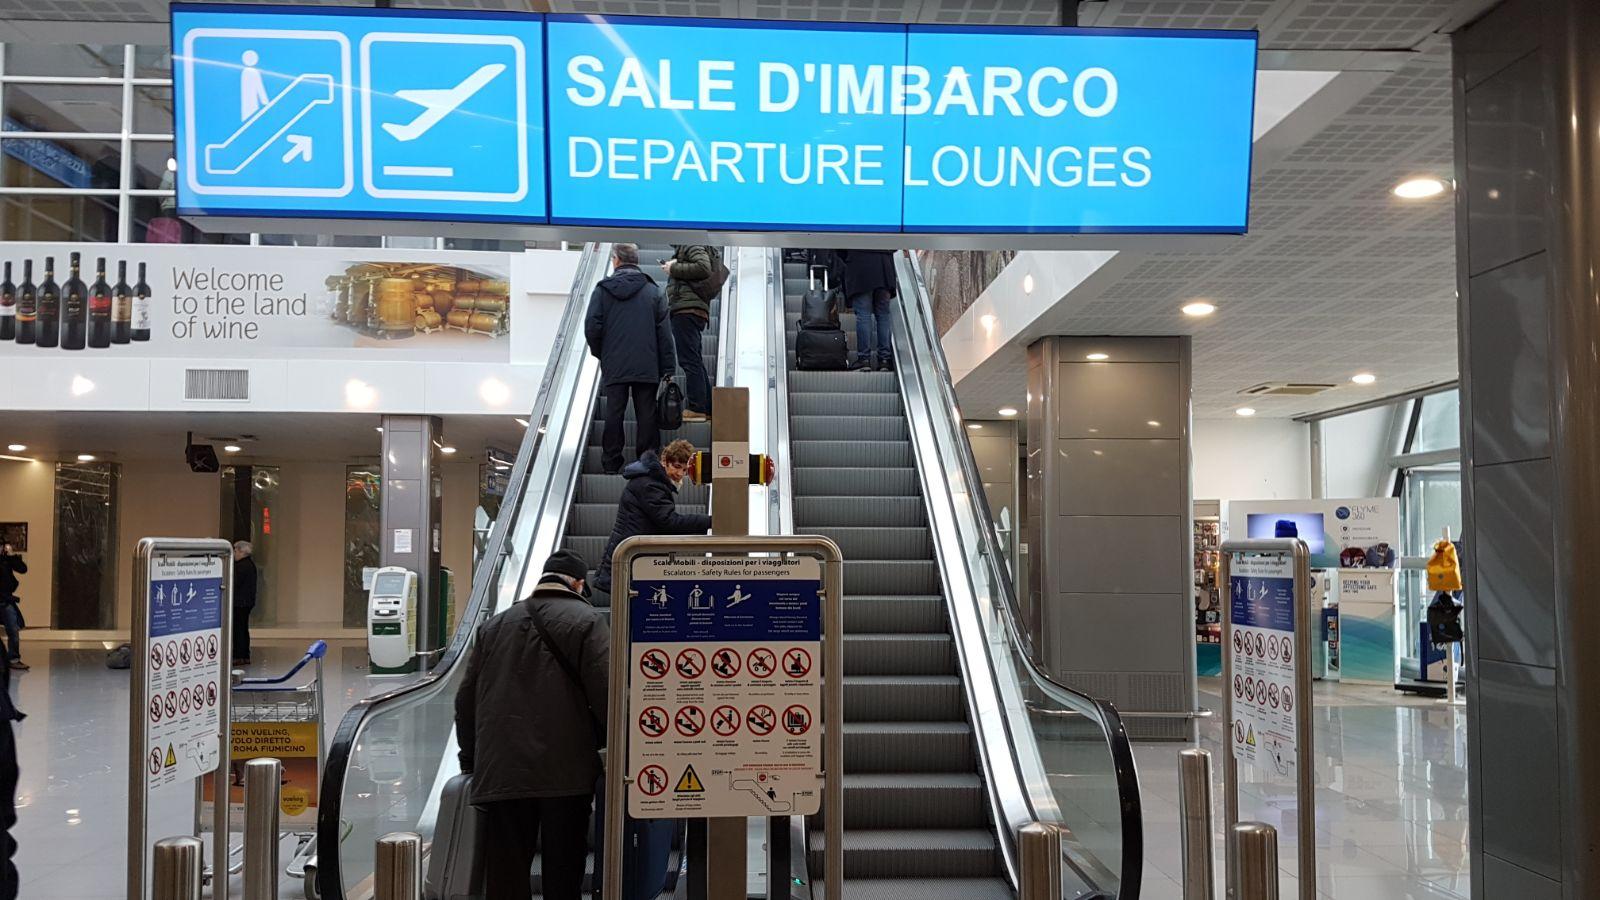 Aeroporto Brindisi : Le nuove aree imbarco dell aeroporto papola di brindisi u video e